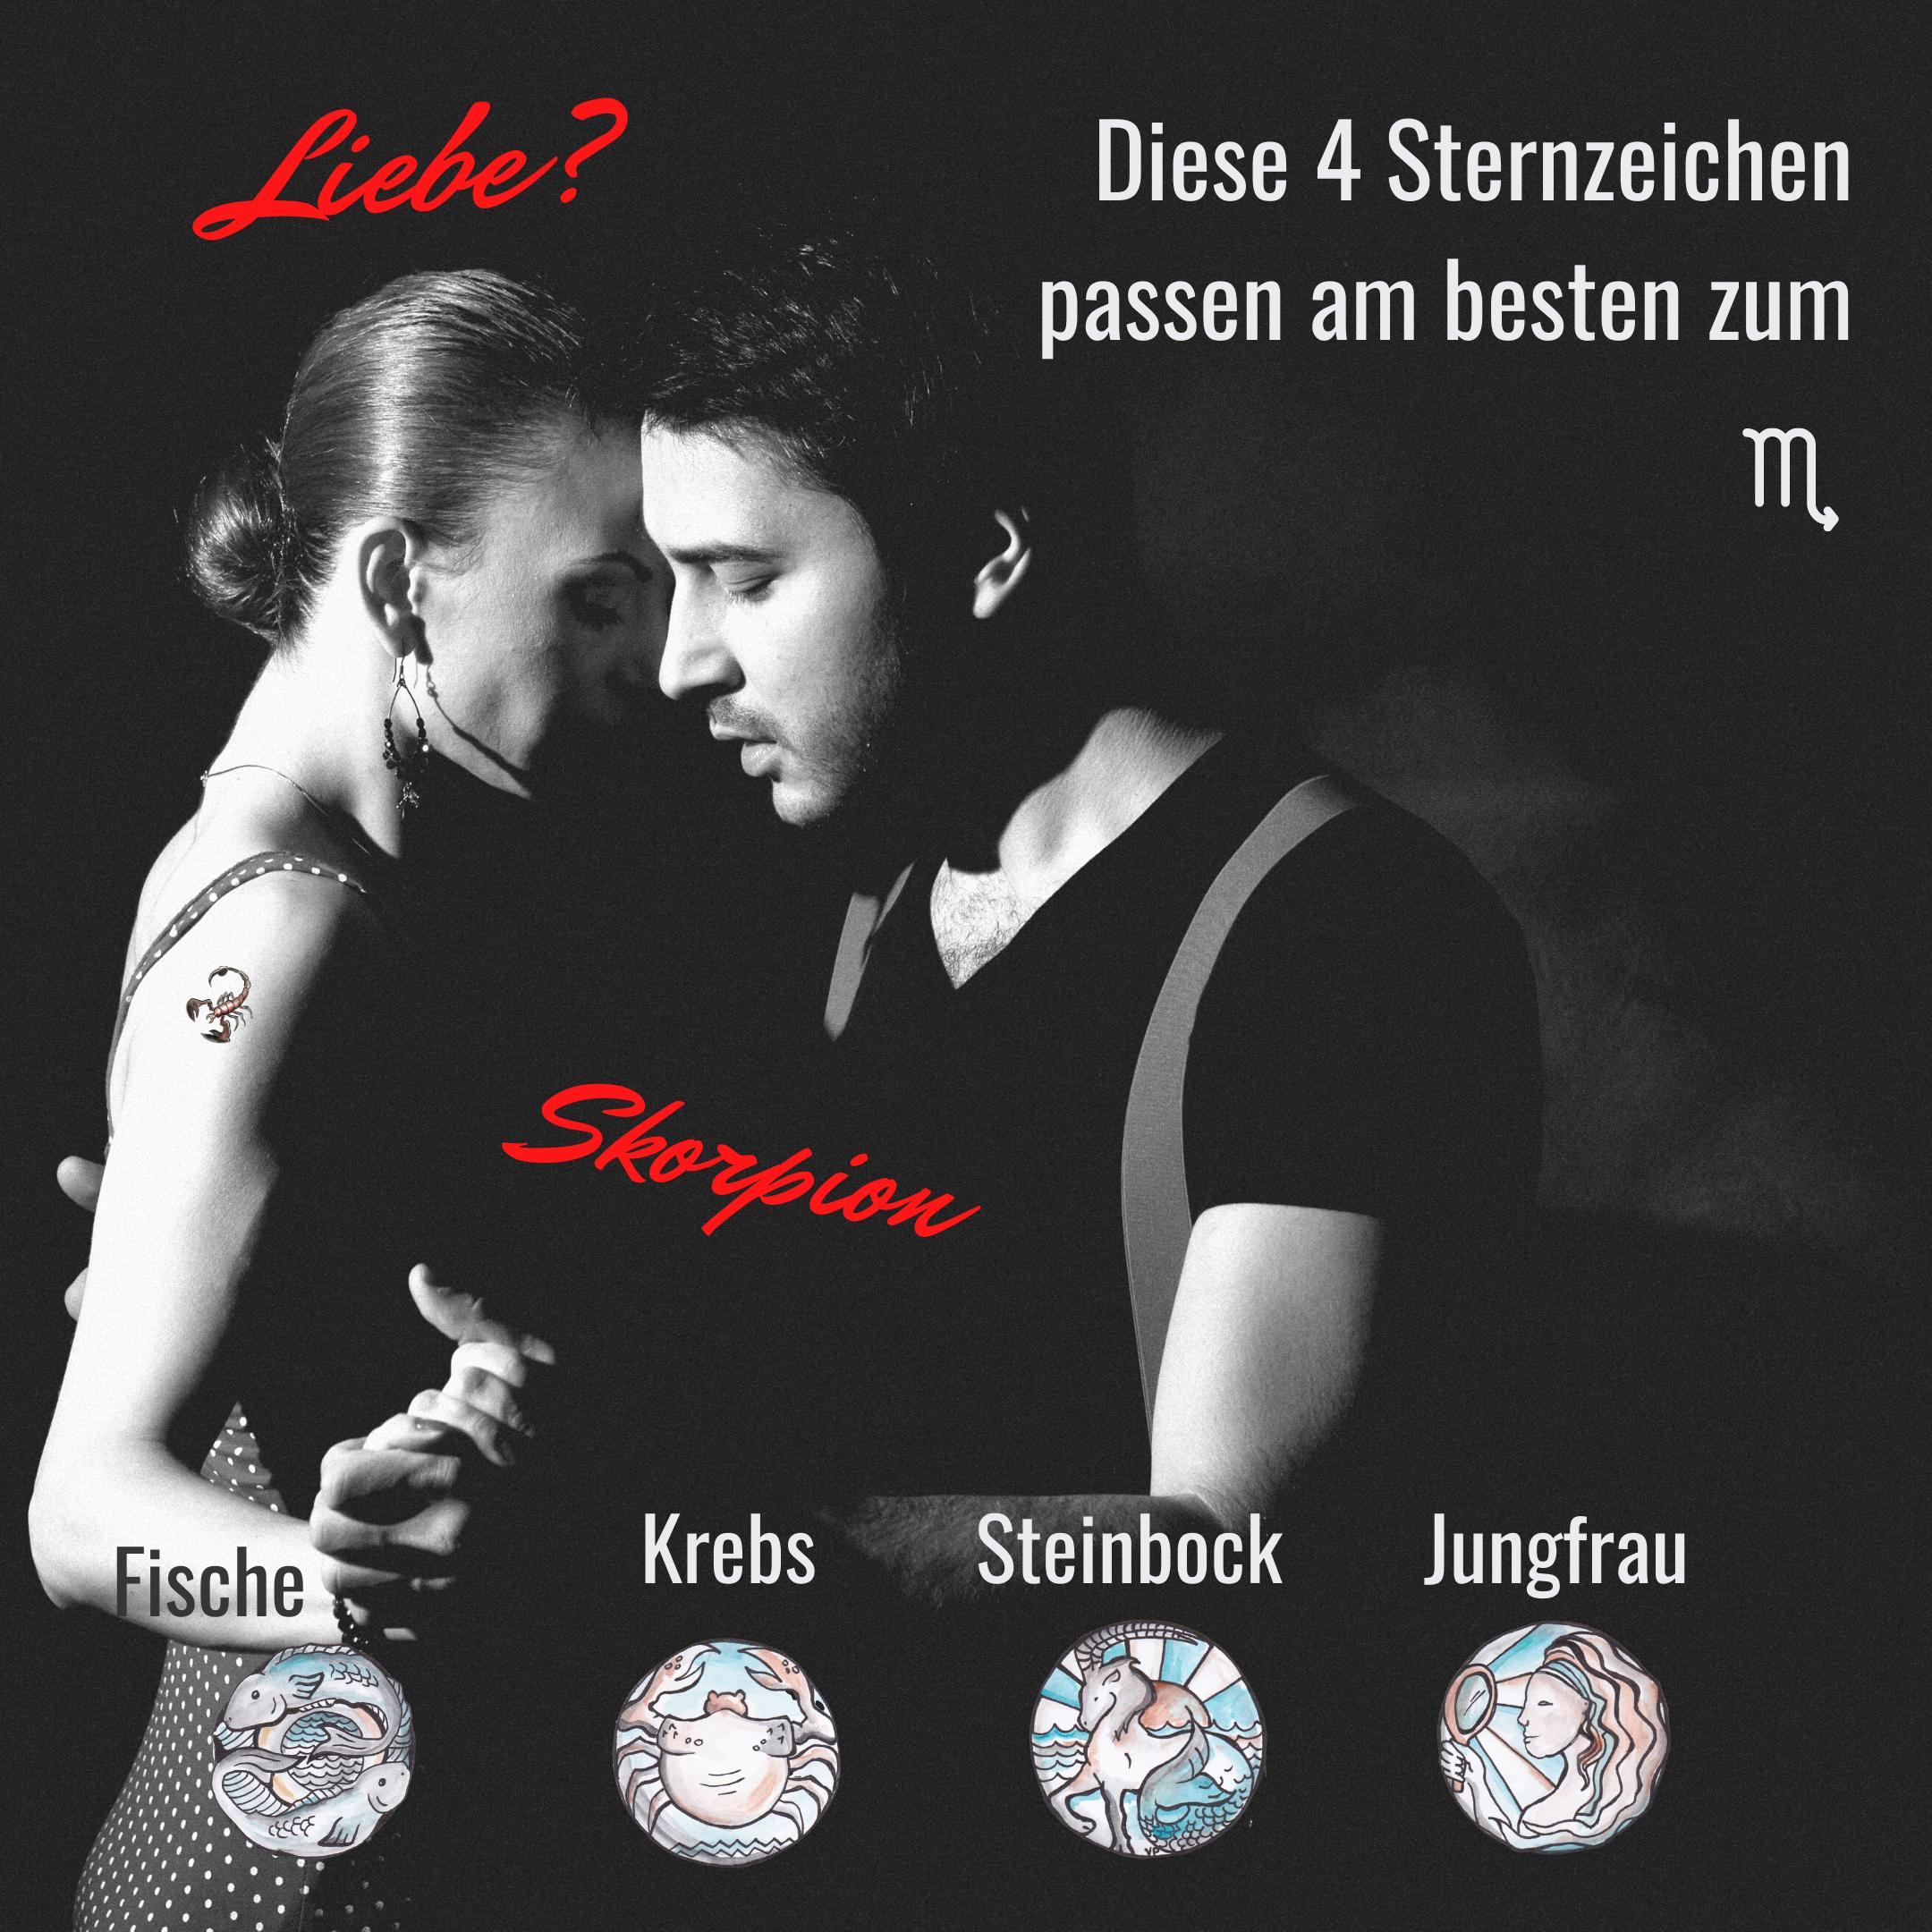 Skorpion Liebe Partnerschaft | Skorpion liebe